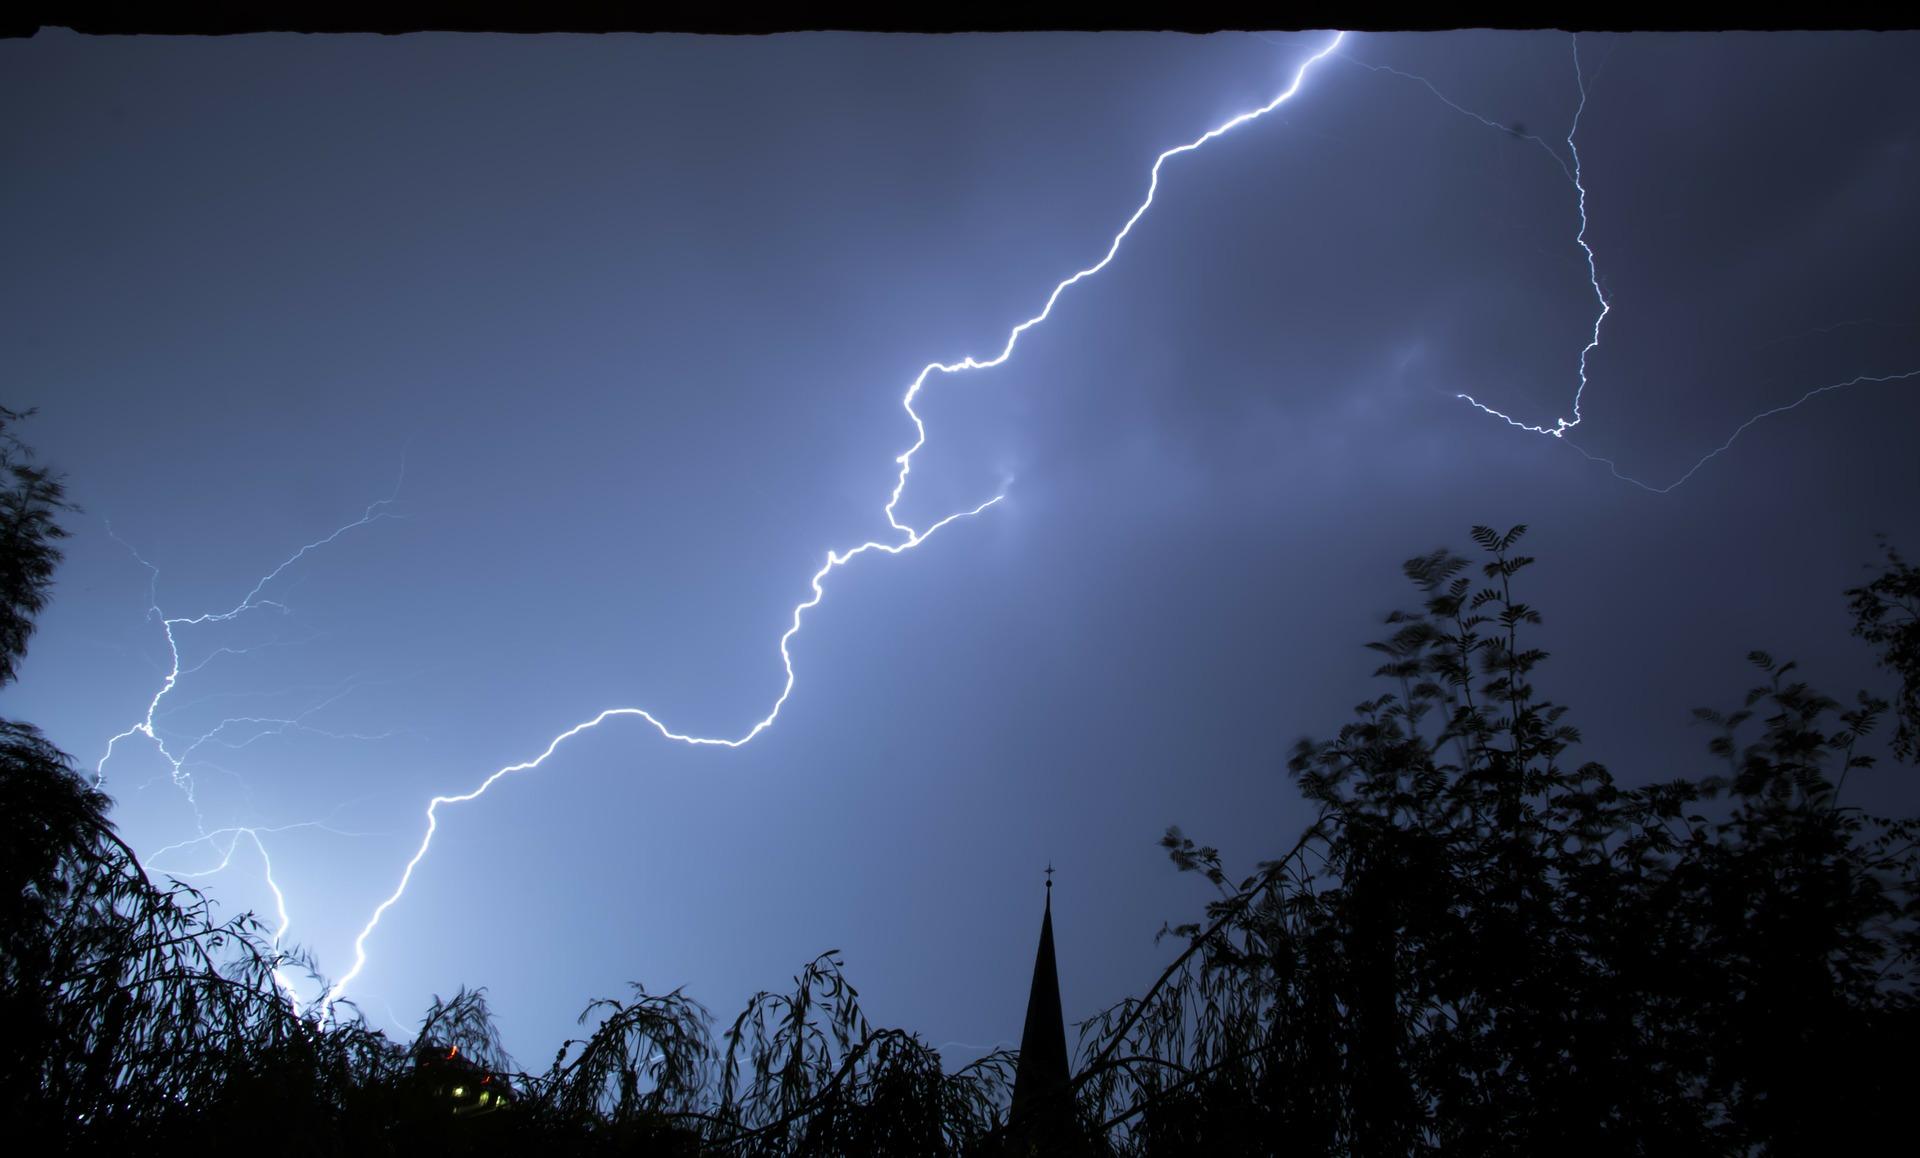 Dzisiaj w naszym powiecie możliwe burze z gradem |VIDEO| - Zdjęcie główne